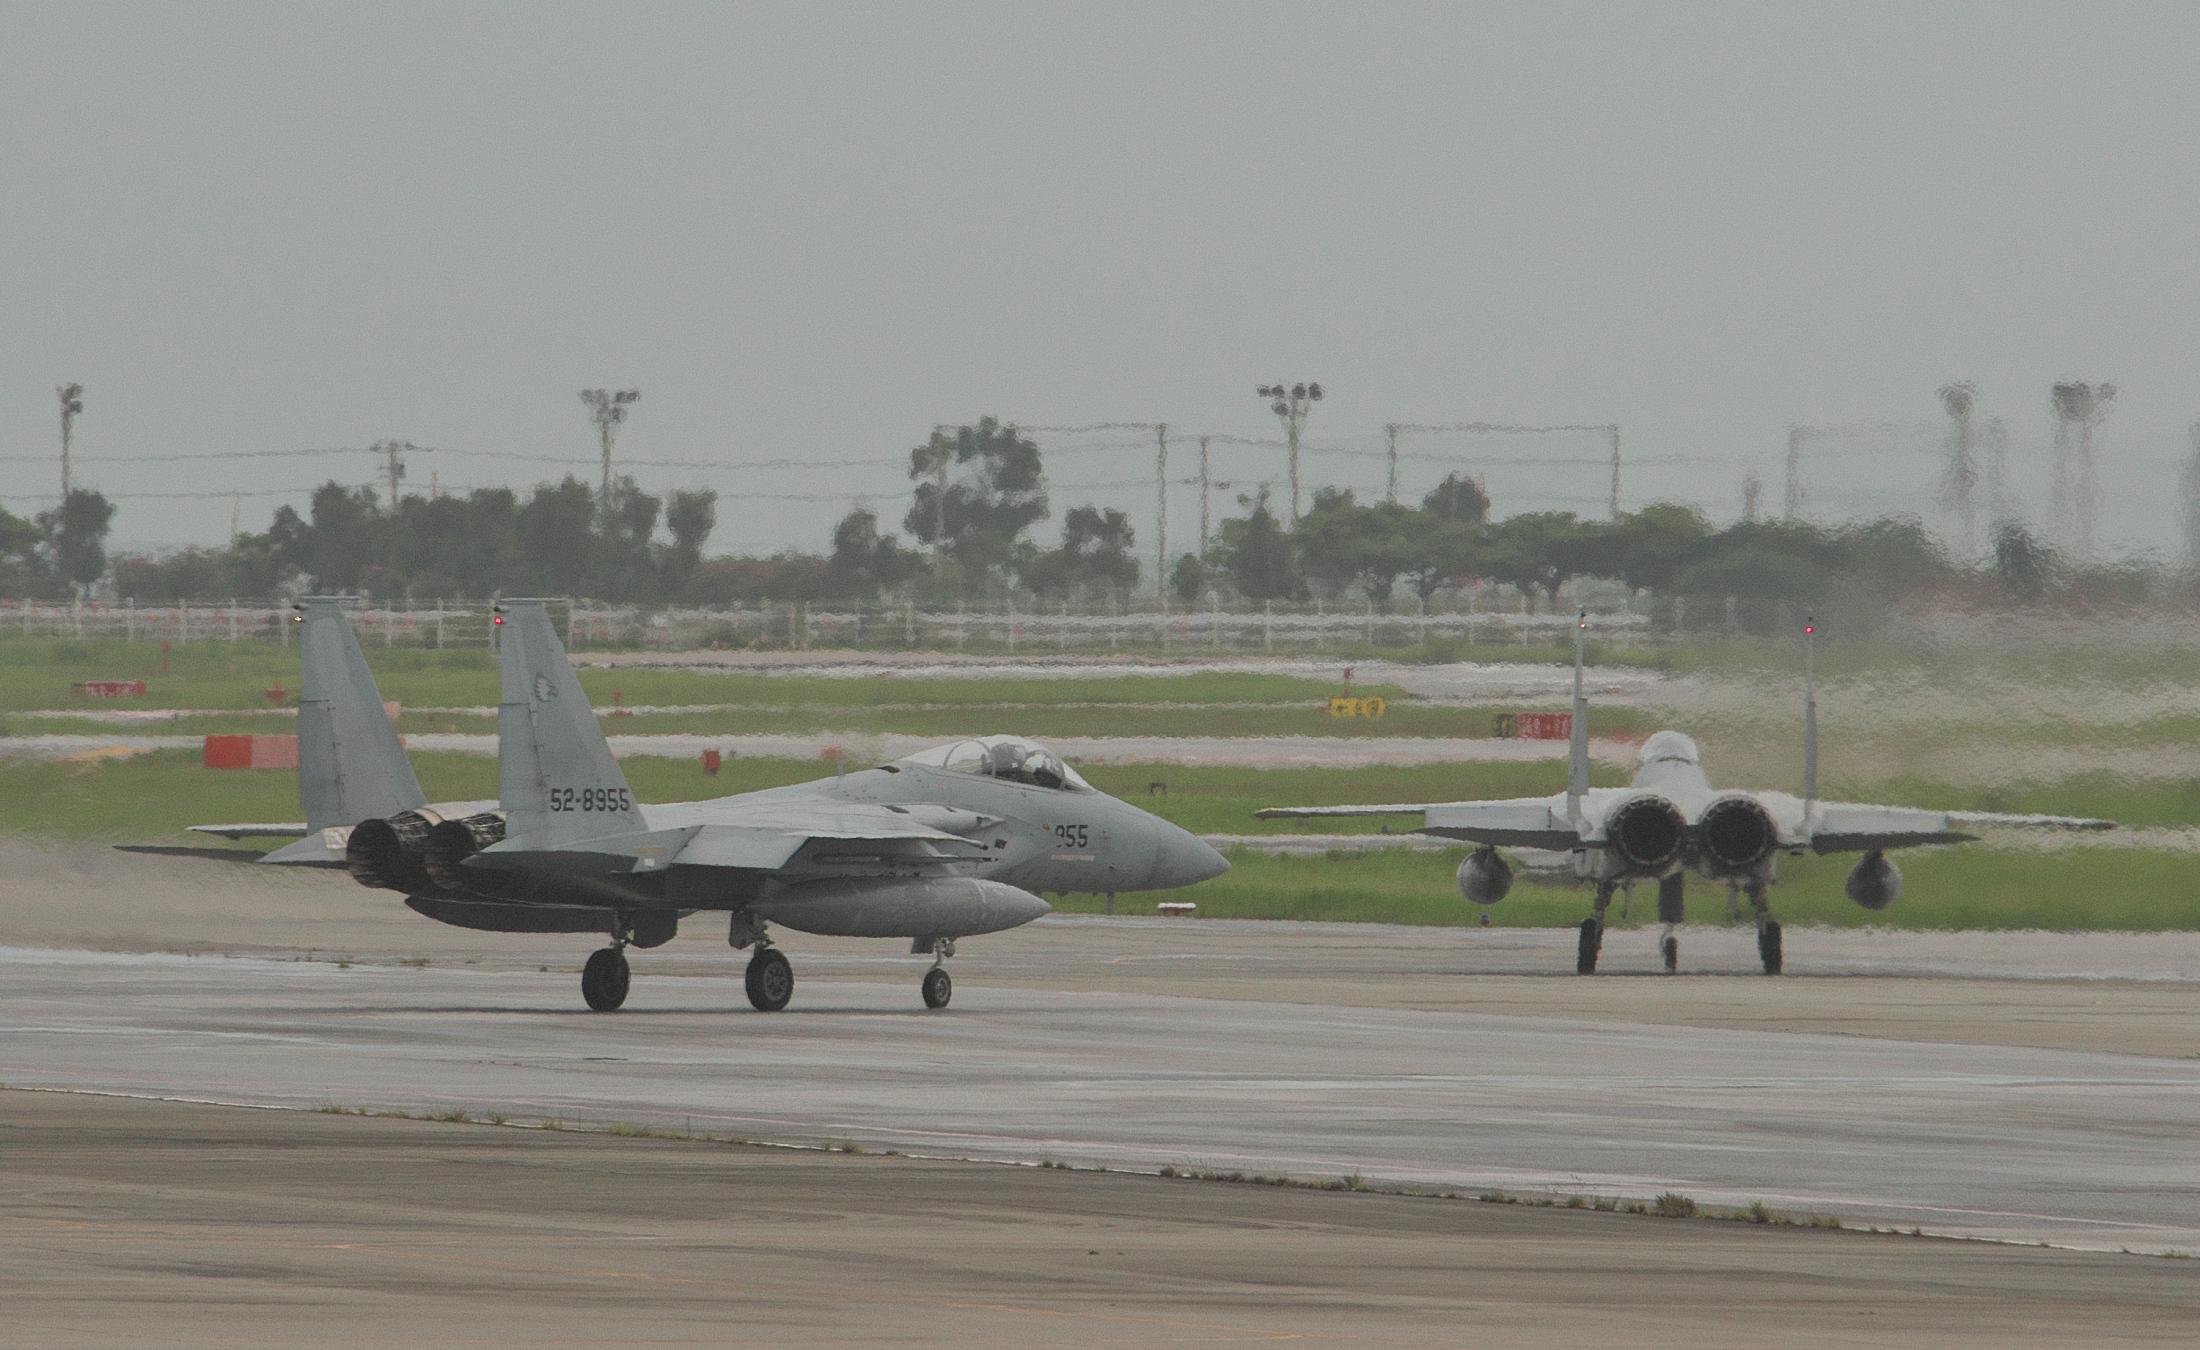 わが国の航空防衛の展望、-防衛省、米国提案F15搭載ミサイル導入見送り-